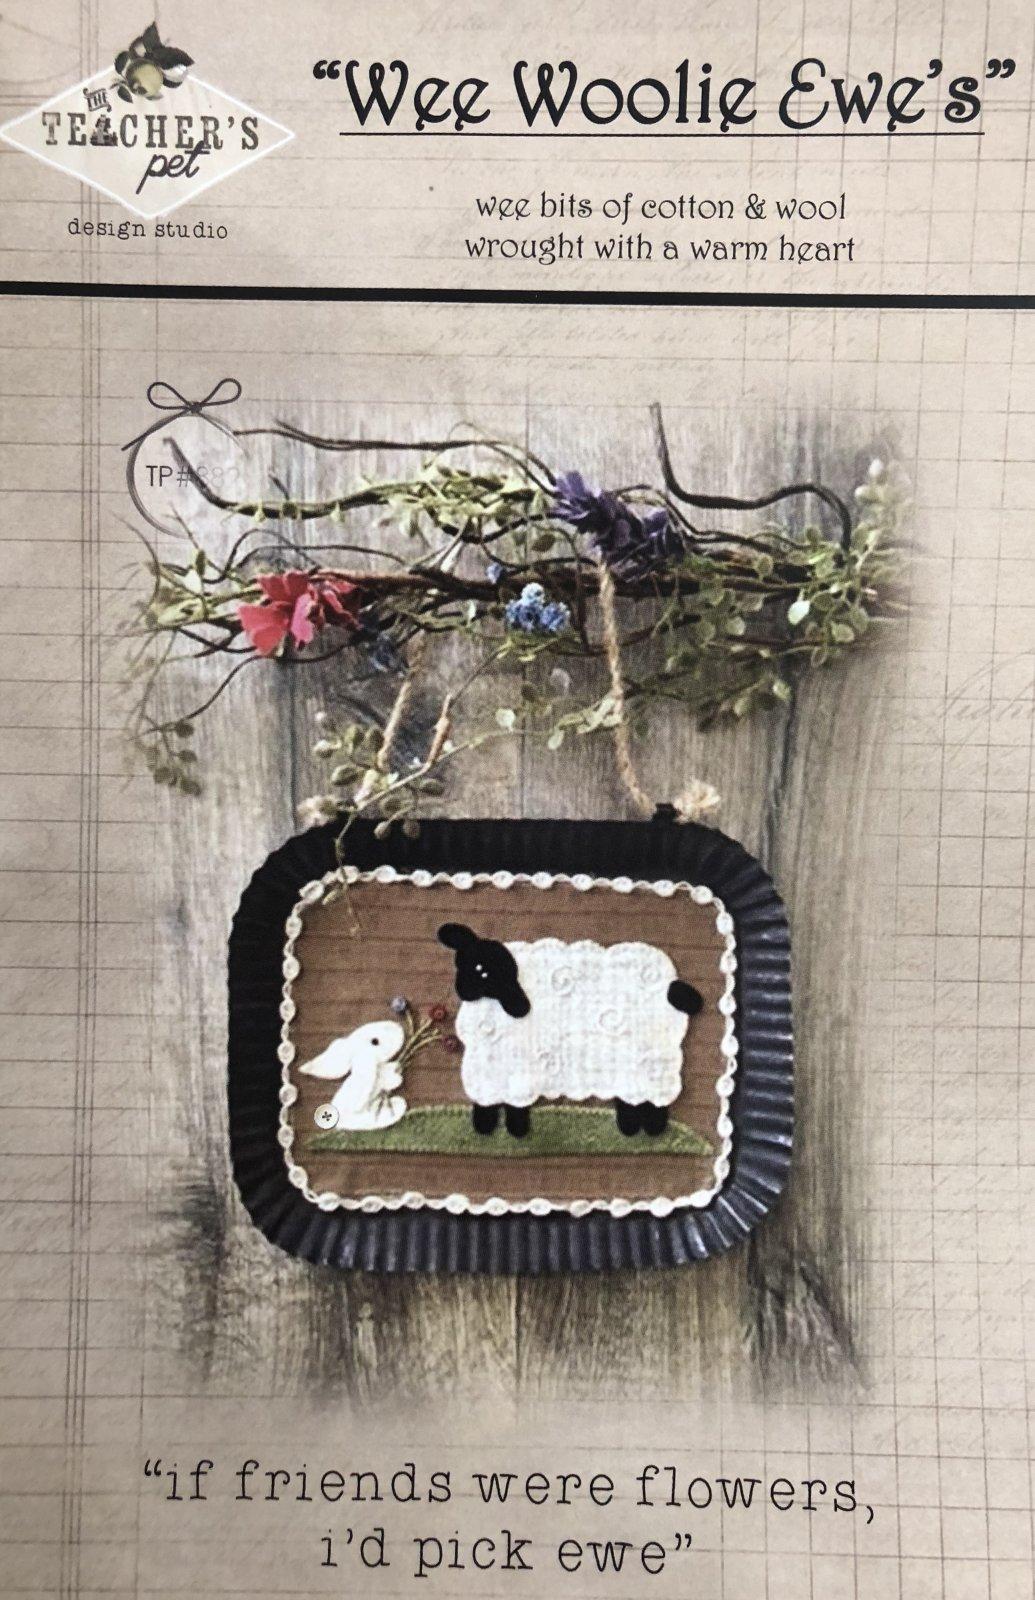 Wee Woolir Ewe's If Friends were flowers pattern